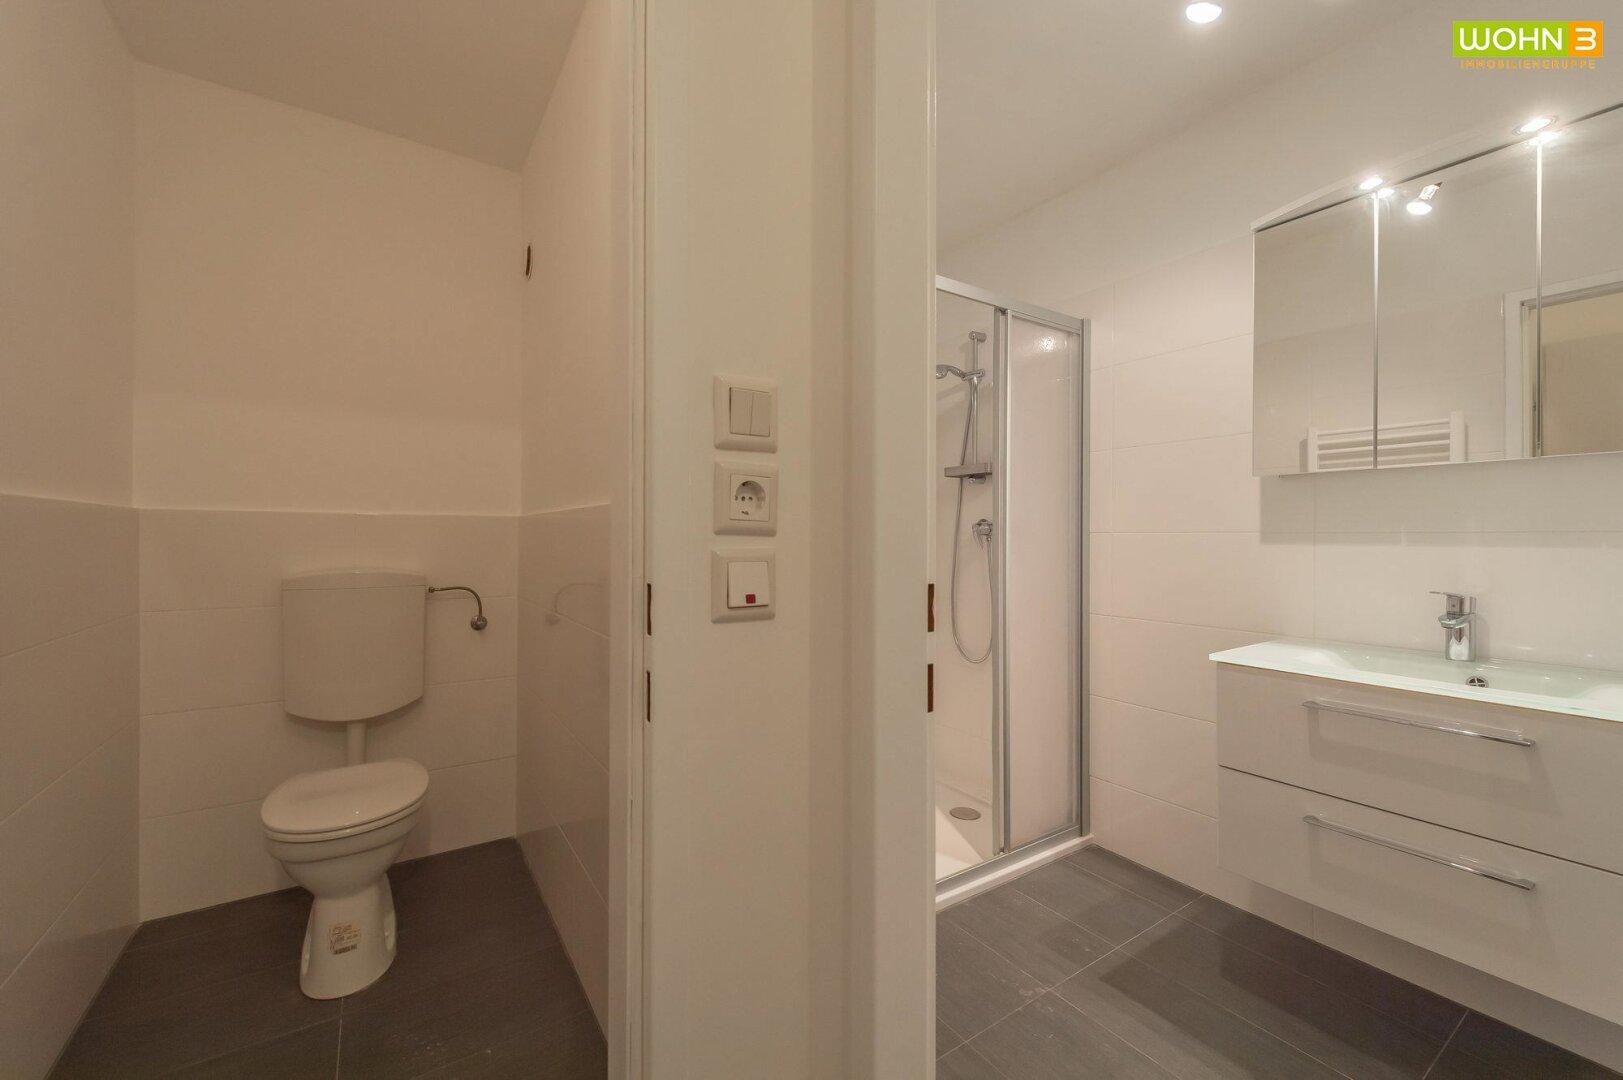 WC, Badezimmer